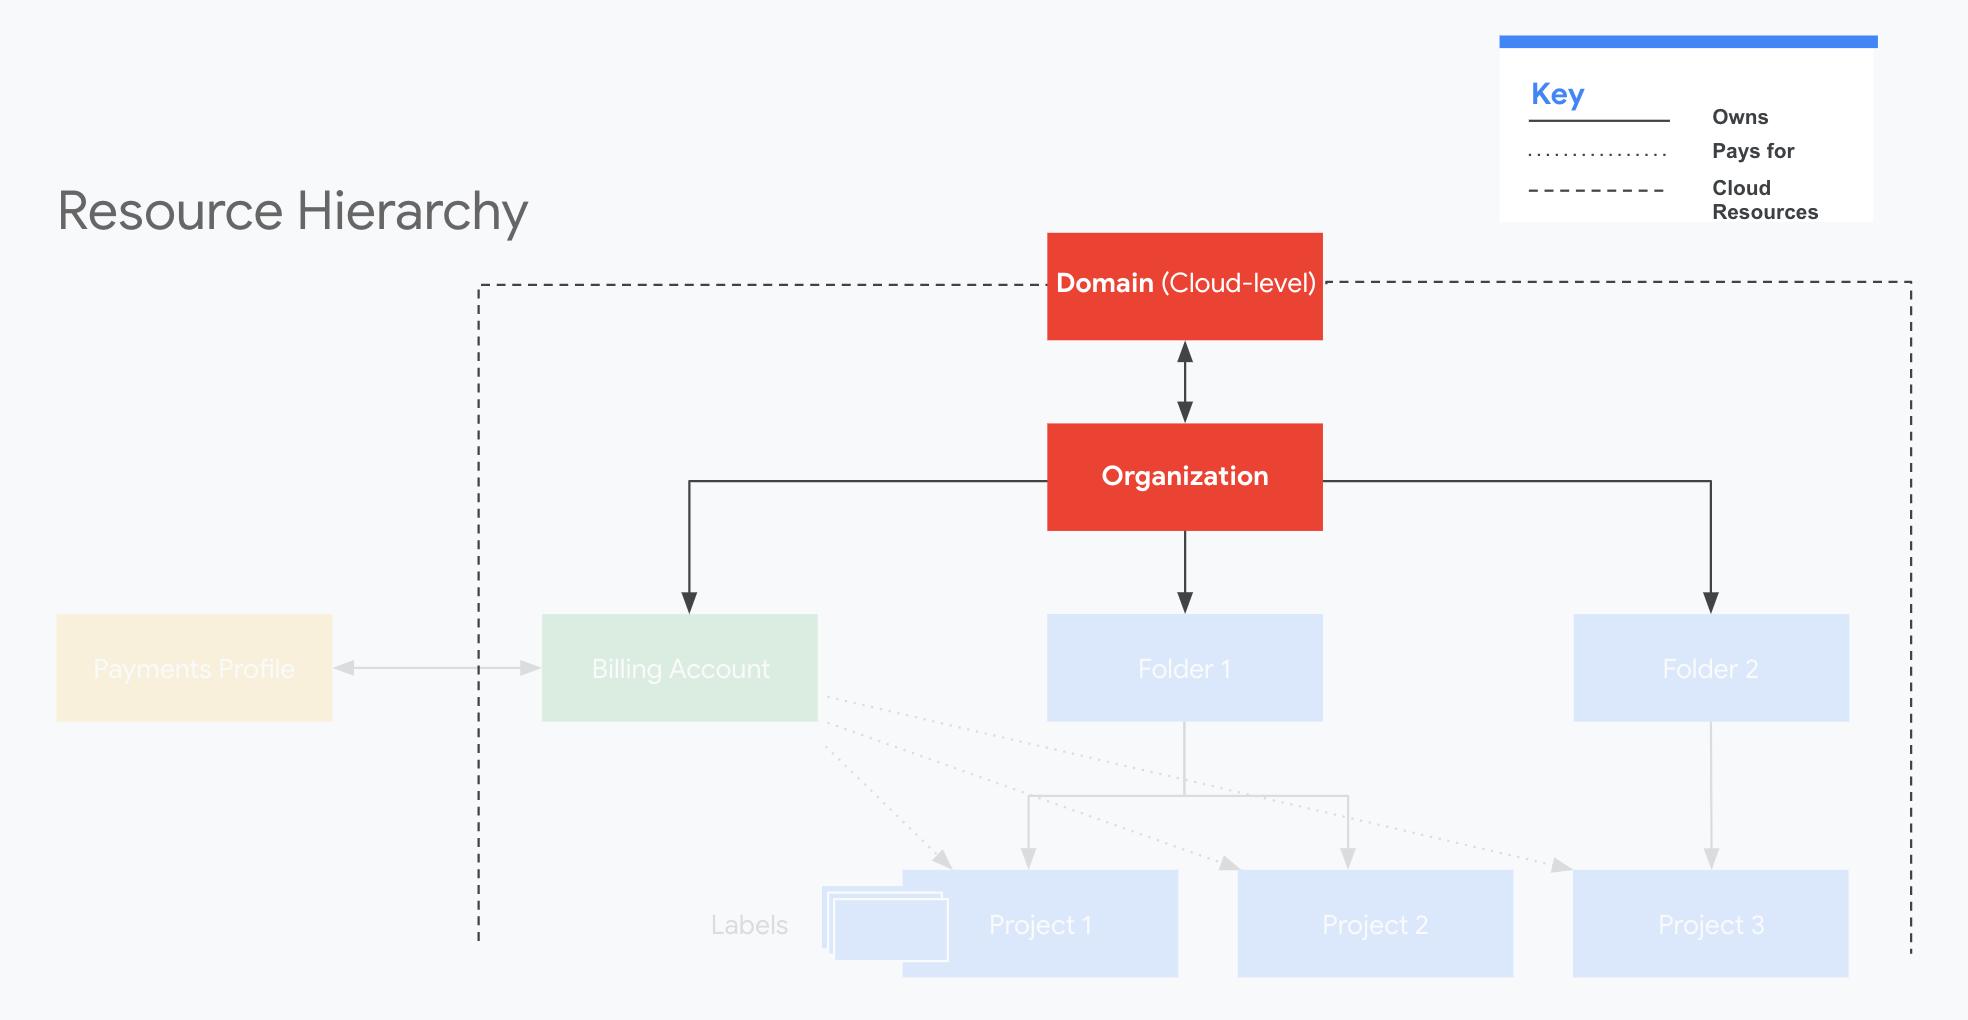 Domínio e organização na hierarquia de recursos